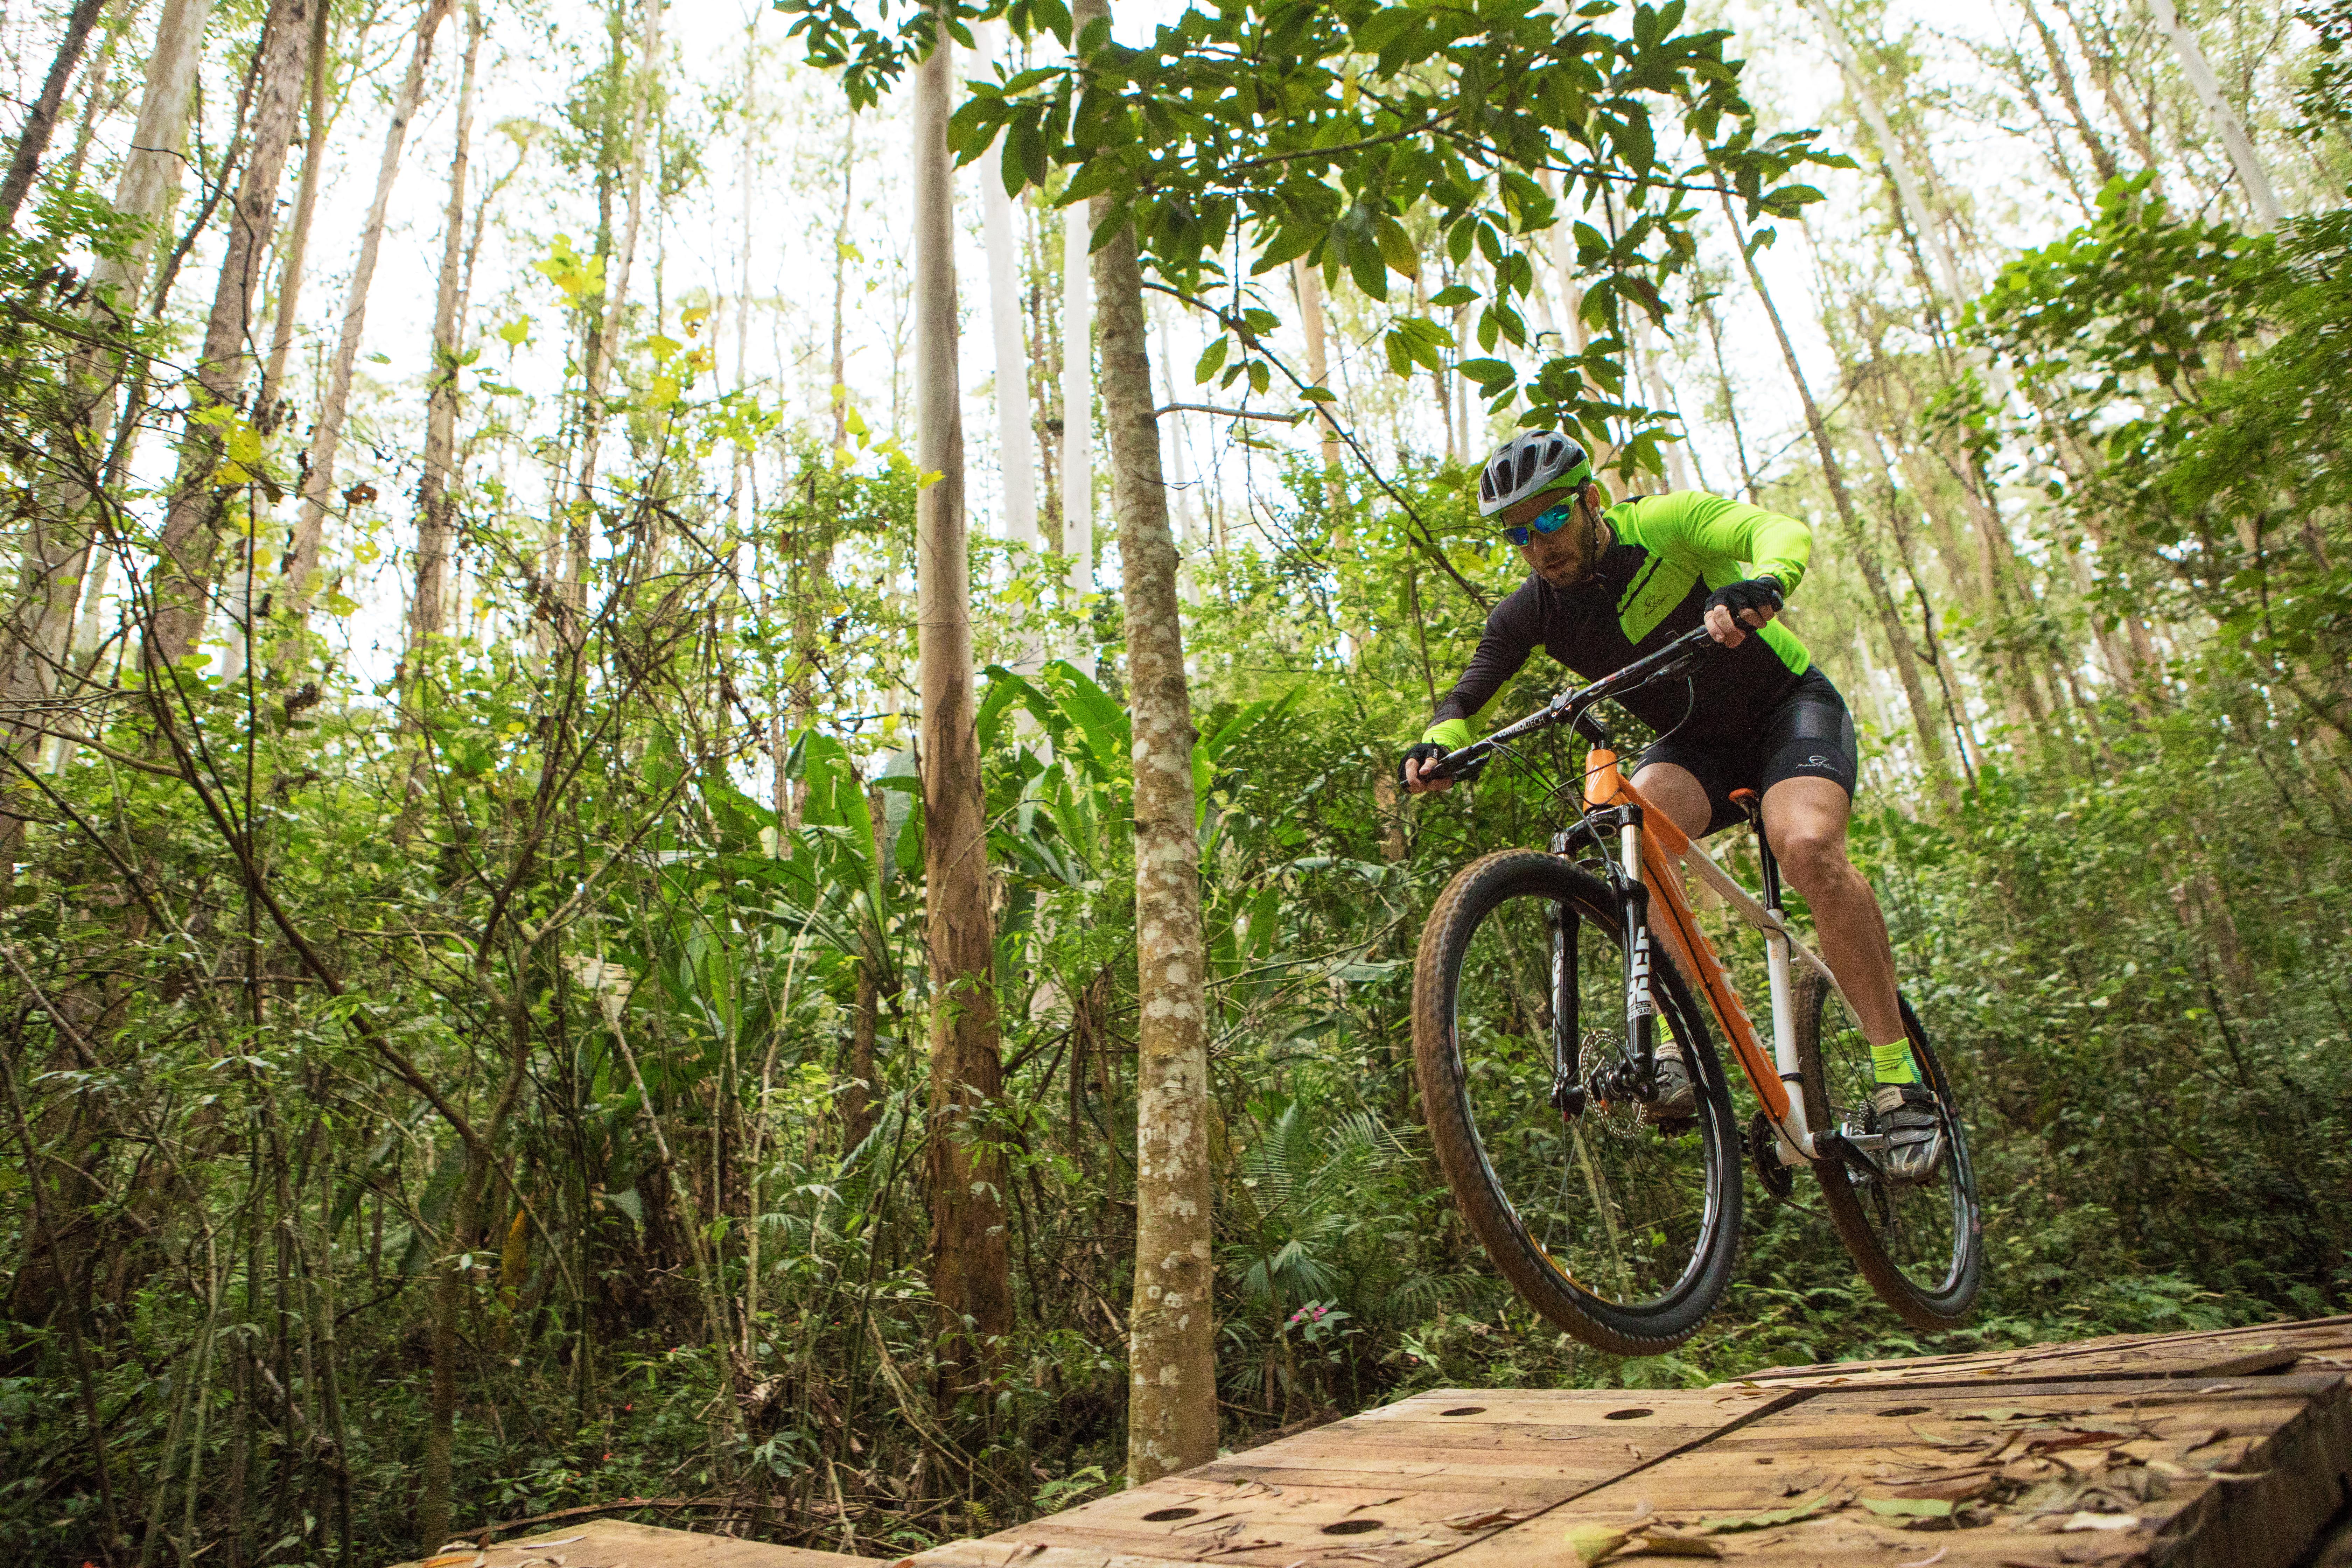 Ciclista salta um obstáculo com sua bicicleta no meio da mata